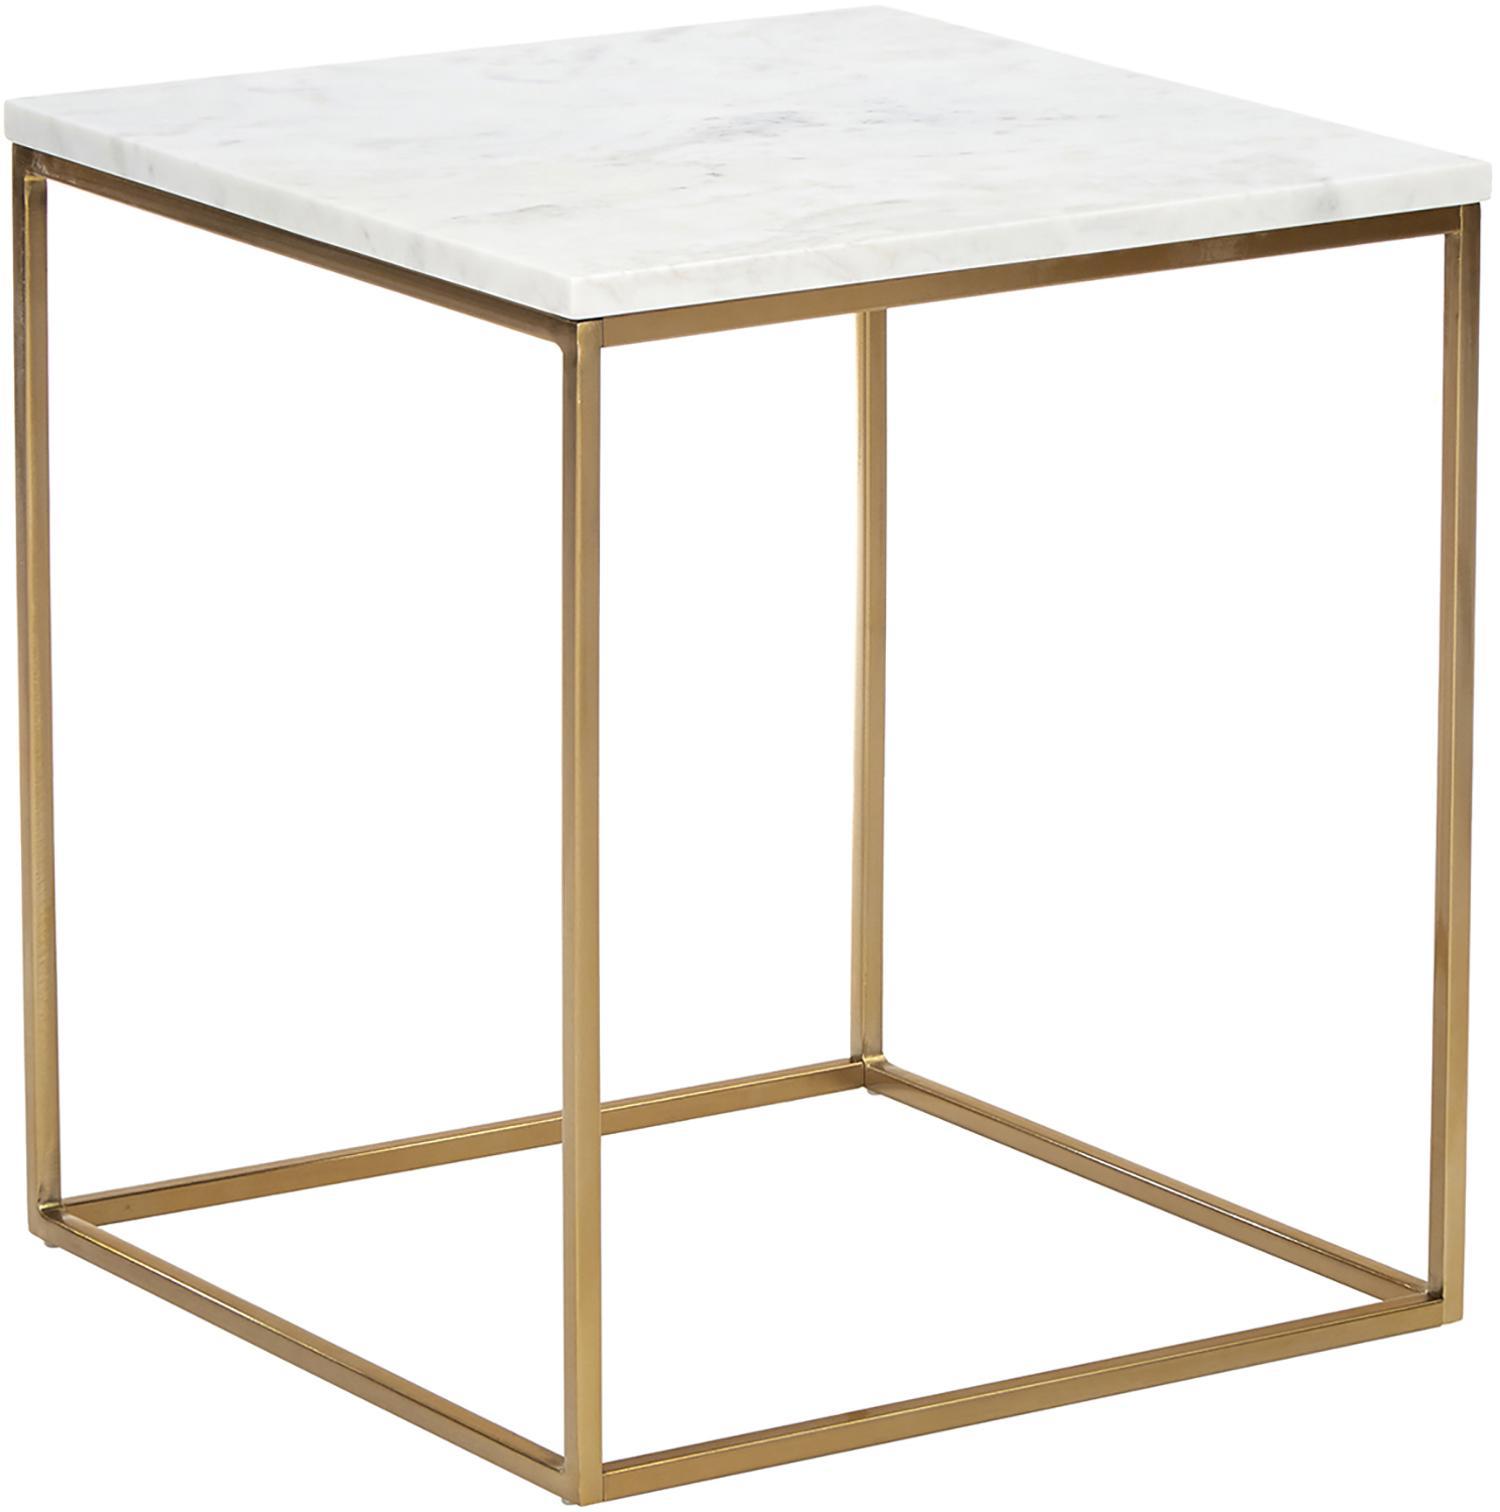 Stolik pomocniczy z marmuru Alys, Blat: marmur, Stelaż: metal malowany proszkowo, Blat: białoszary marmur Stelaż: odcienie złotego, błyszczący, S 45 x W 50 cm